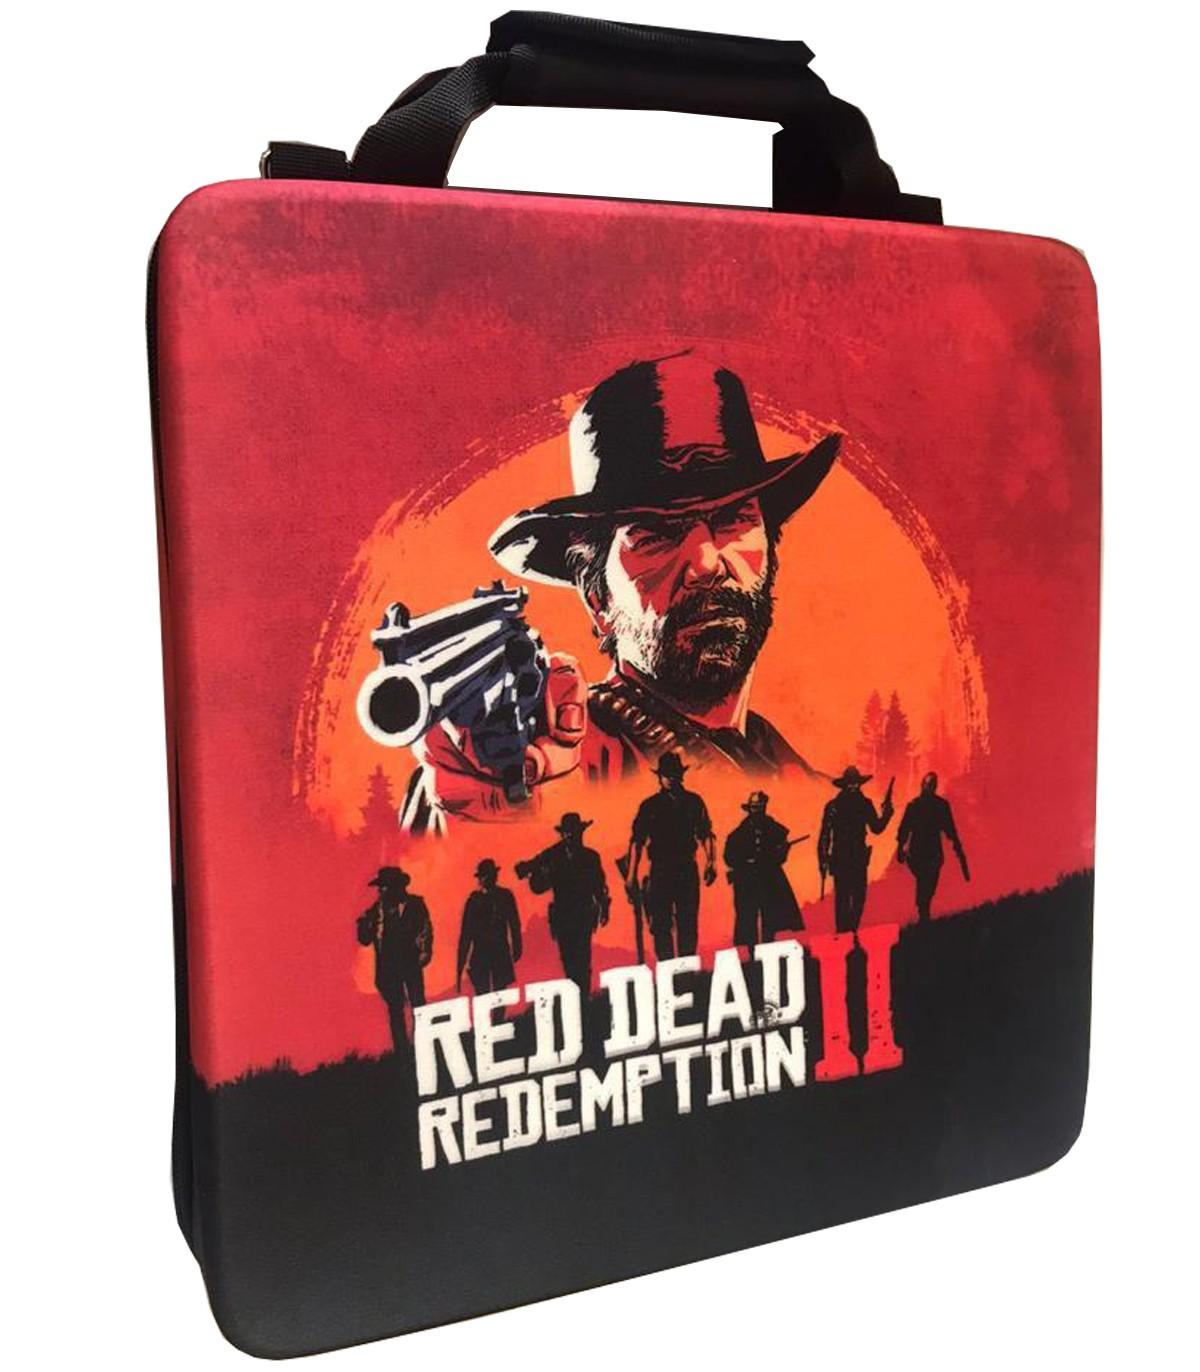 کیف حمل ضد ضربه برای پلی استیشن ۴ طرح Red Dead Redemption 2